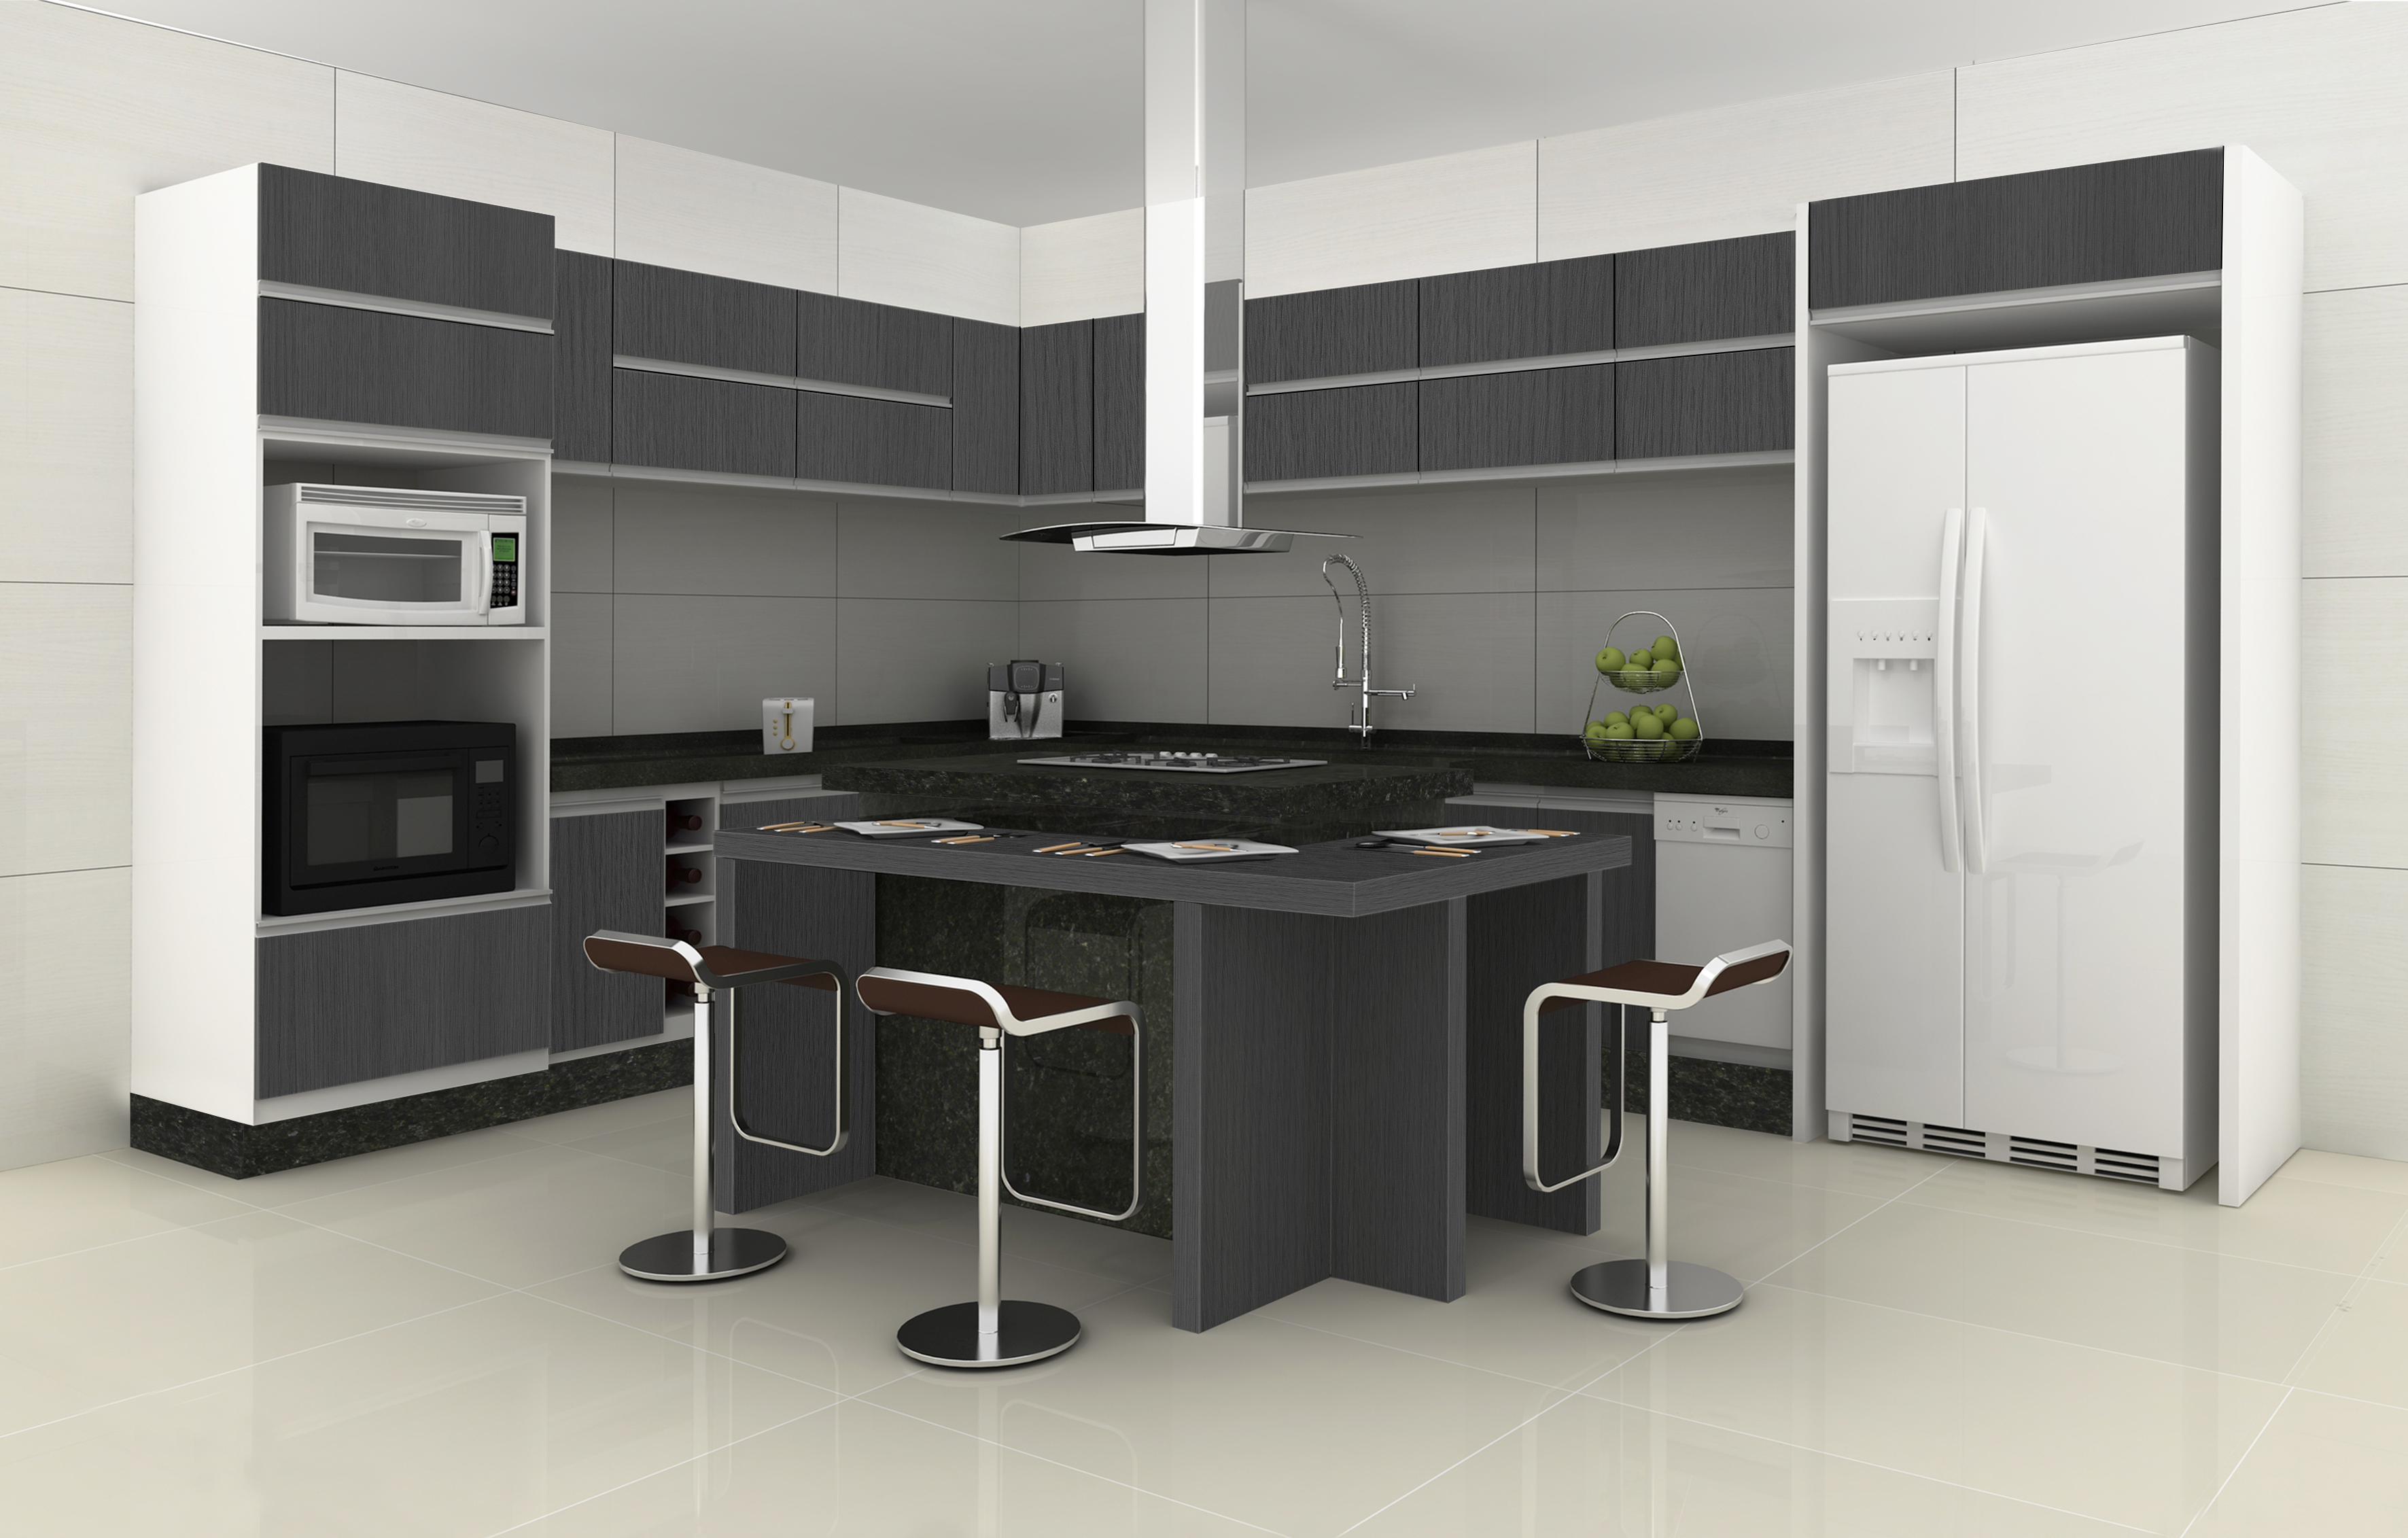 Cozinhas Moduladas   Modelos   Tendências #4D5943 3543 2263